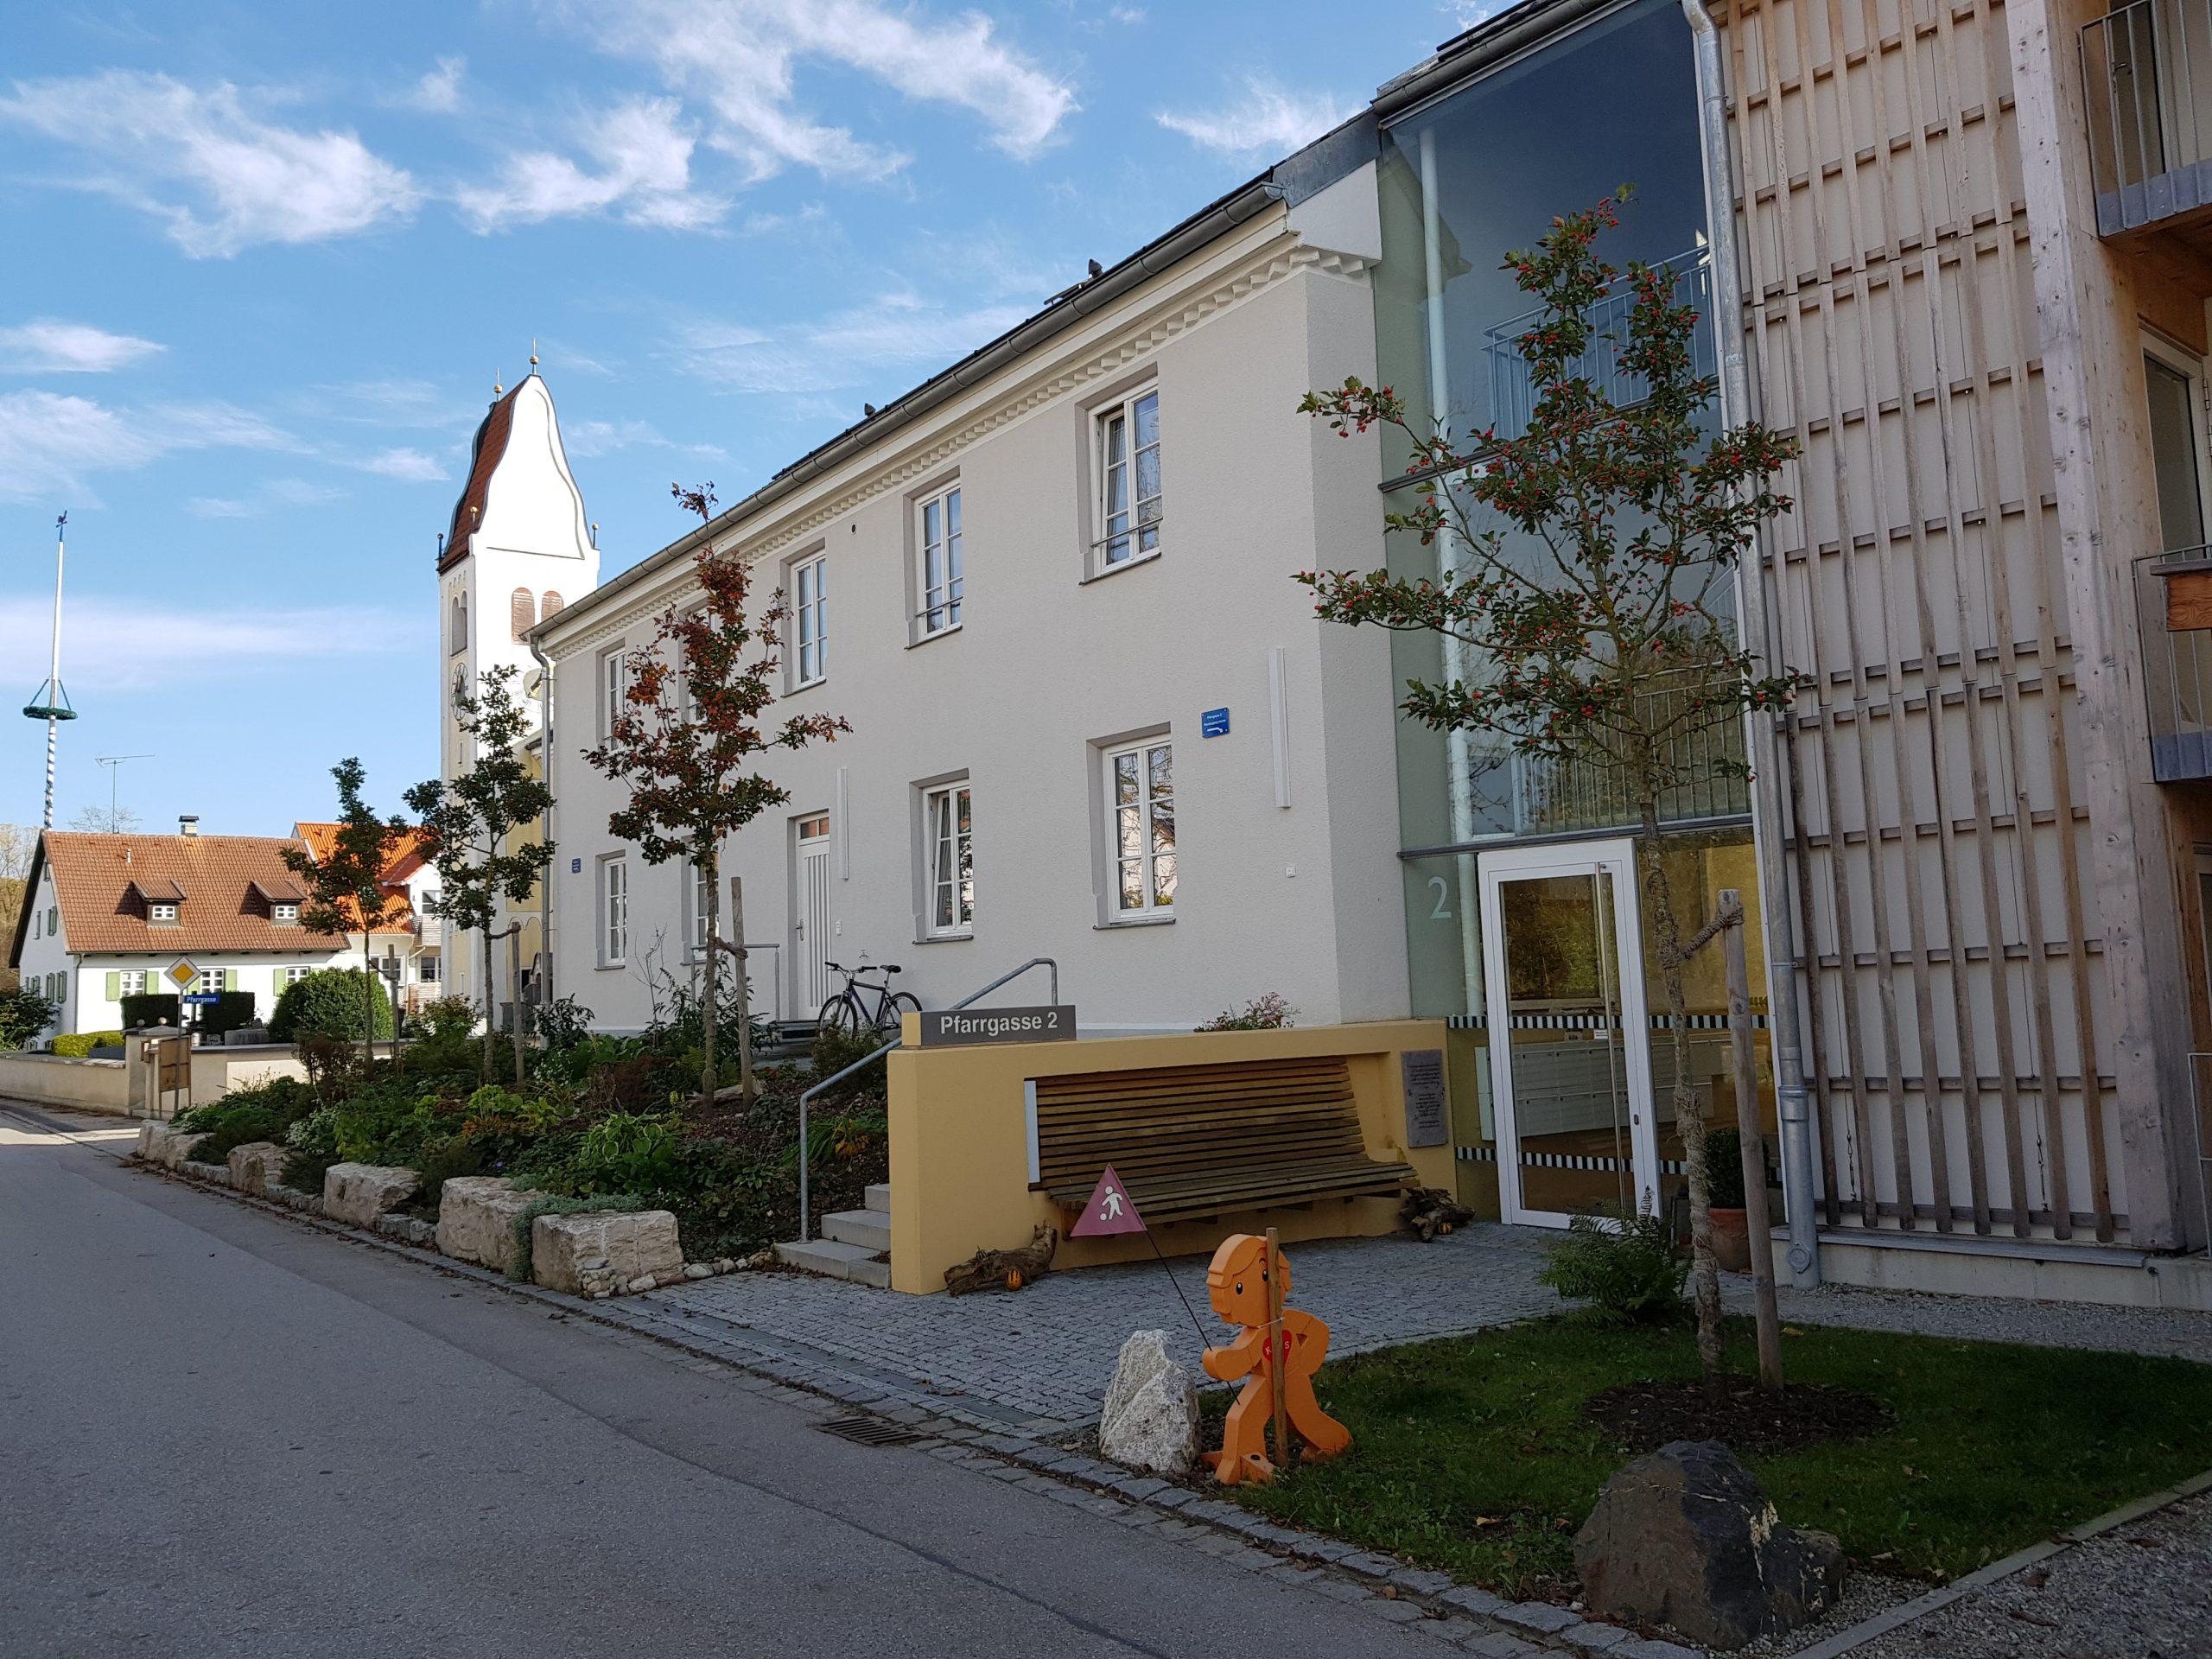 Das Mehr-Generationenhaus – realisiert mit Hilfe der Freien Wähler Windach